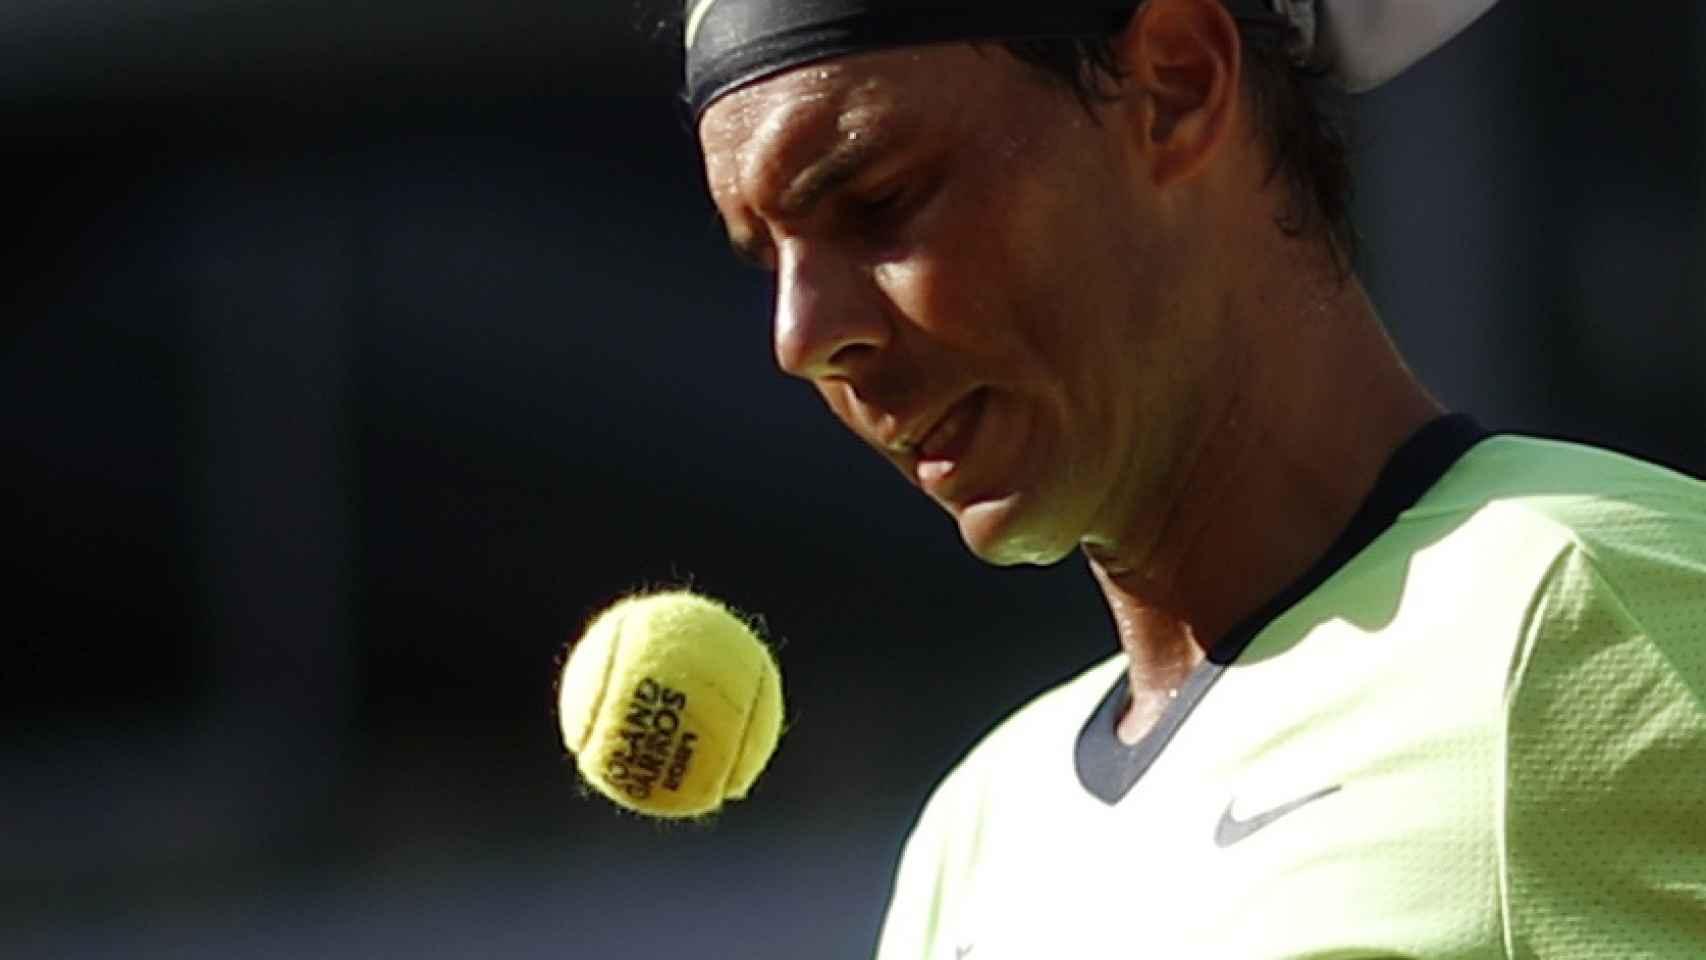 Rafa Nadal, escogiendo pelota antes de sacar en Roland Garros 2021